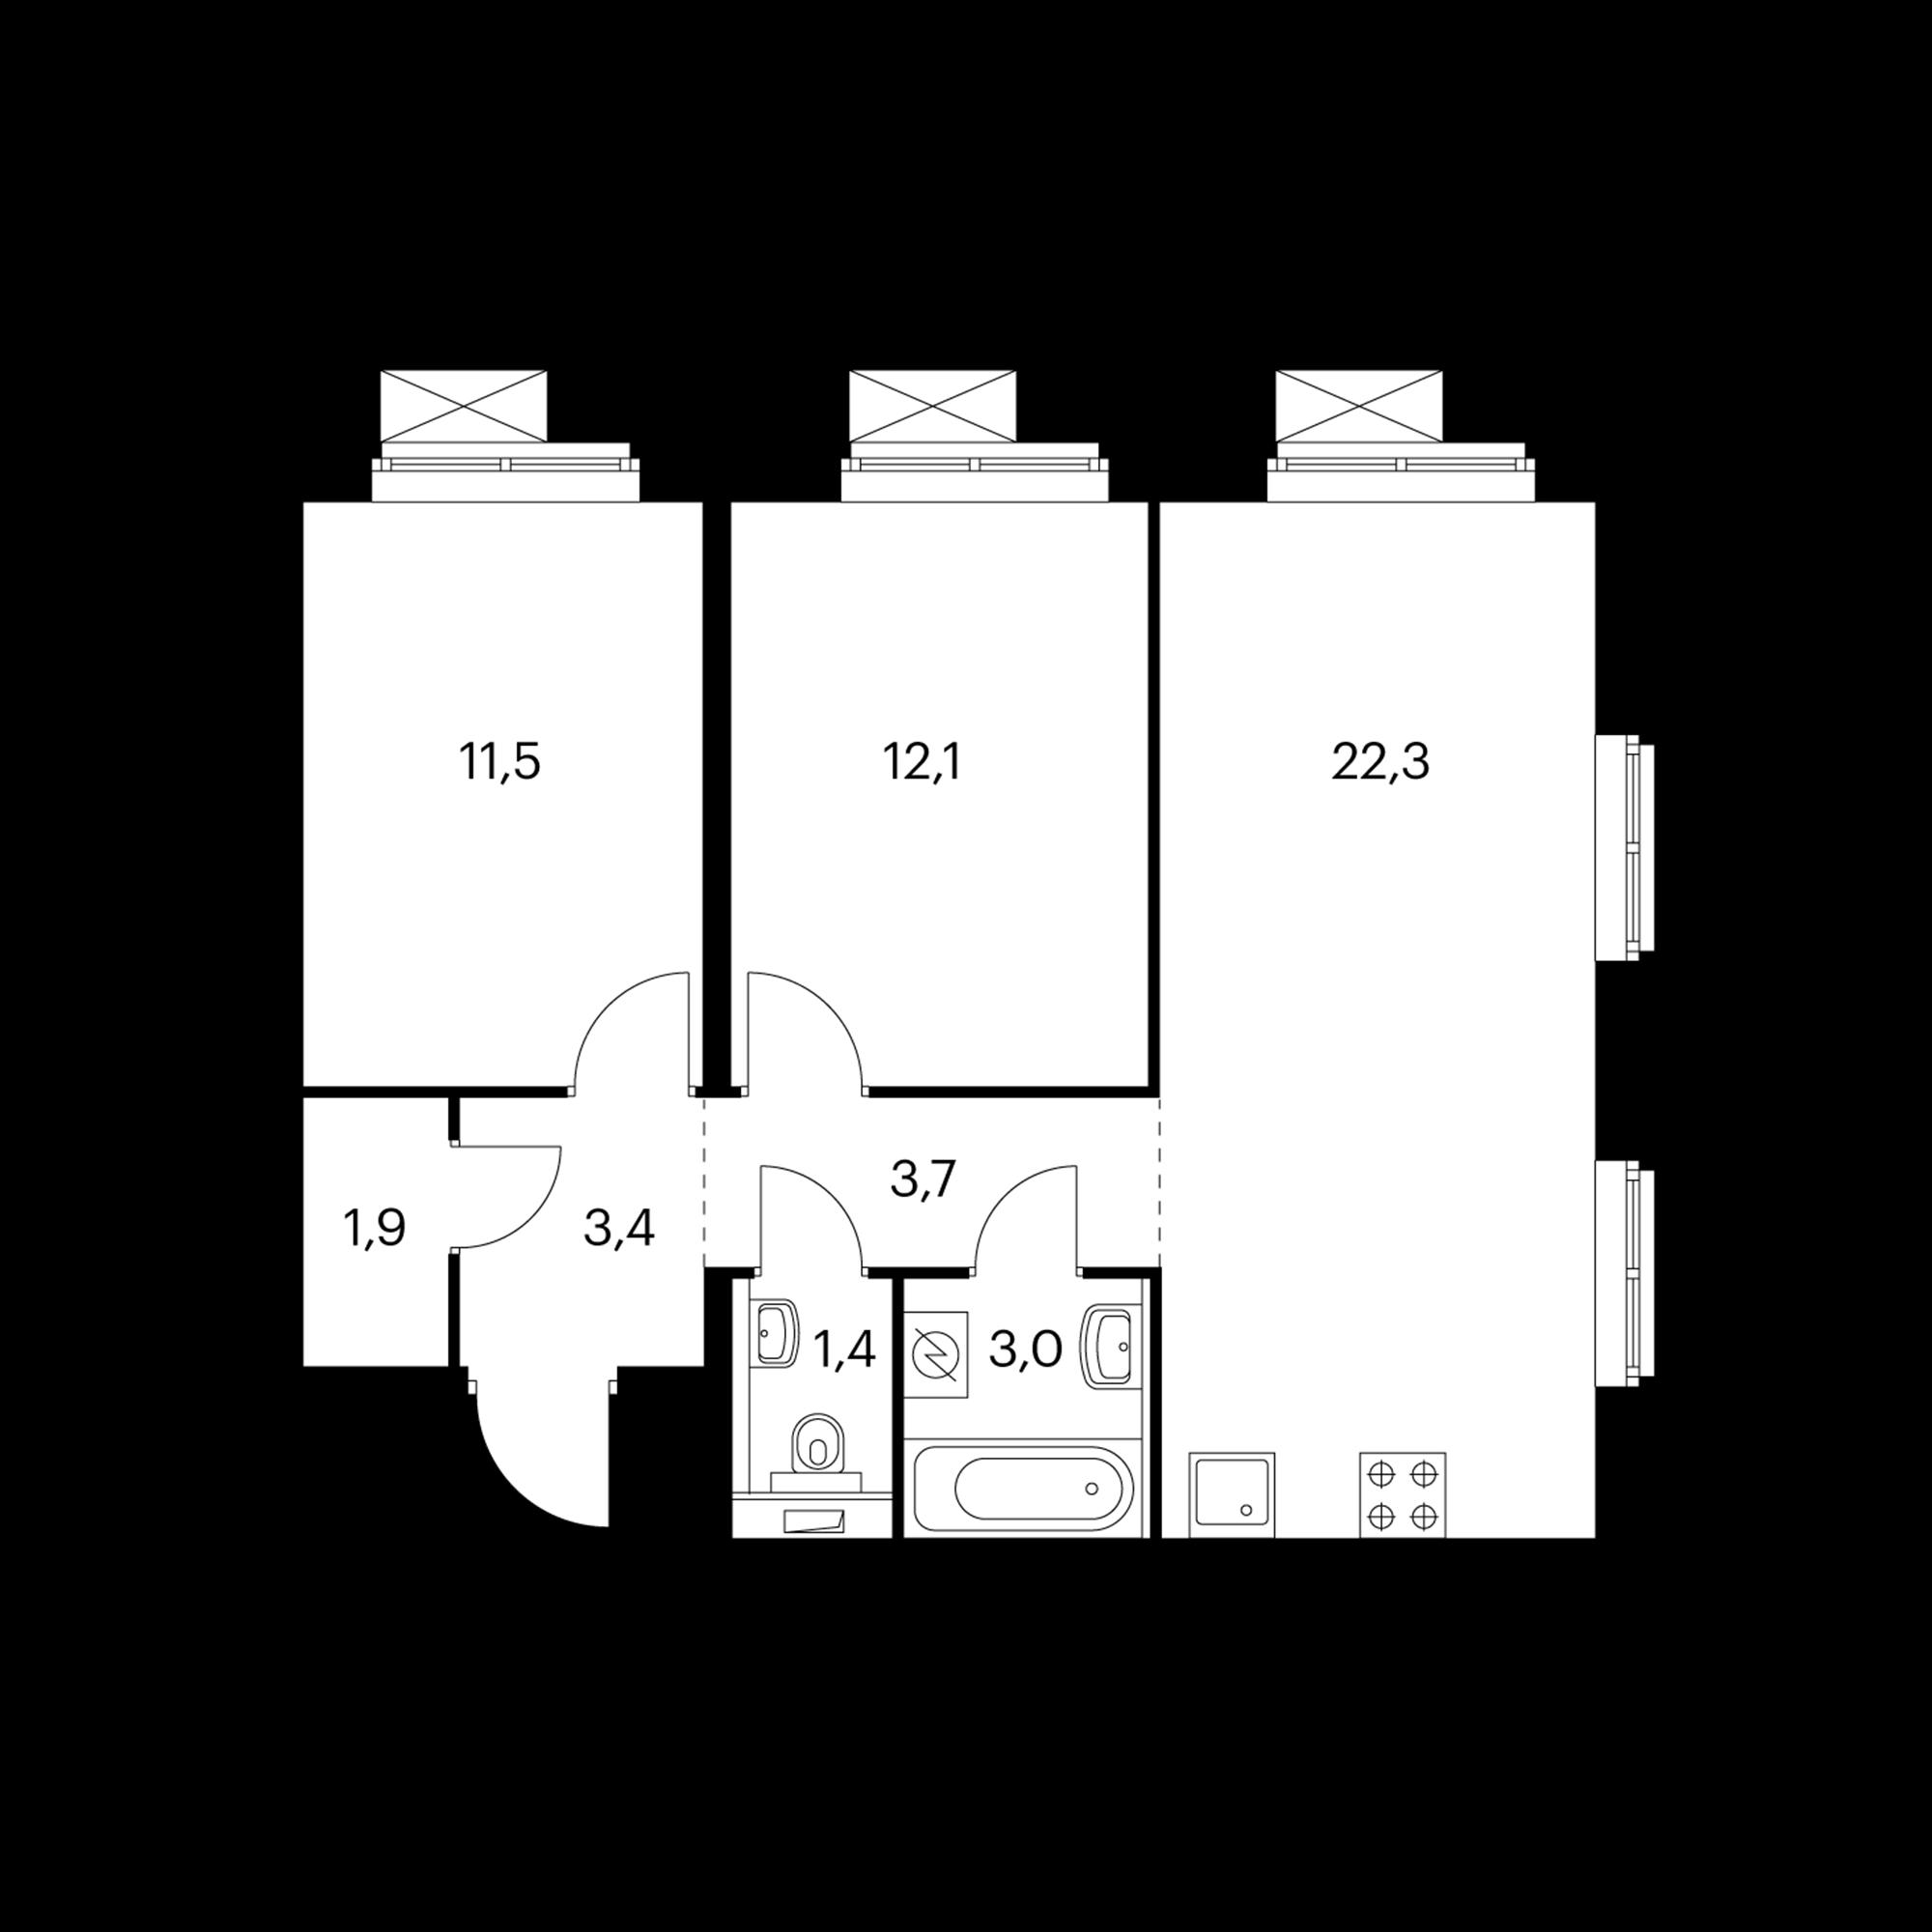 2EM5_9.3-1_S_A3